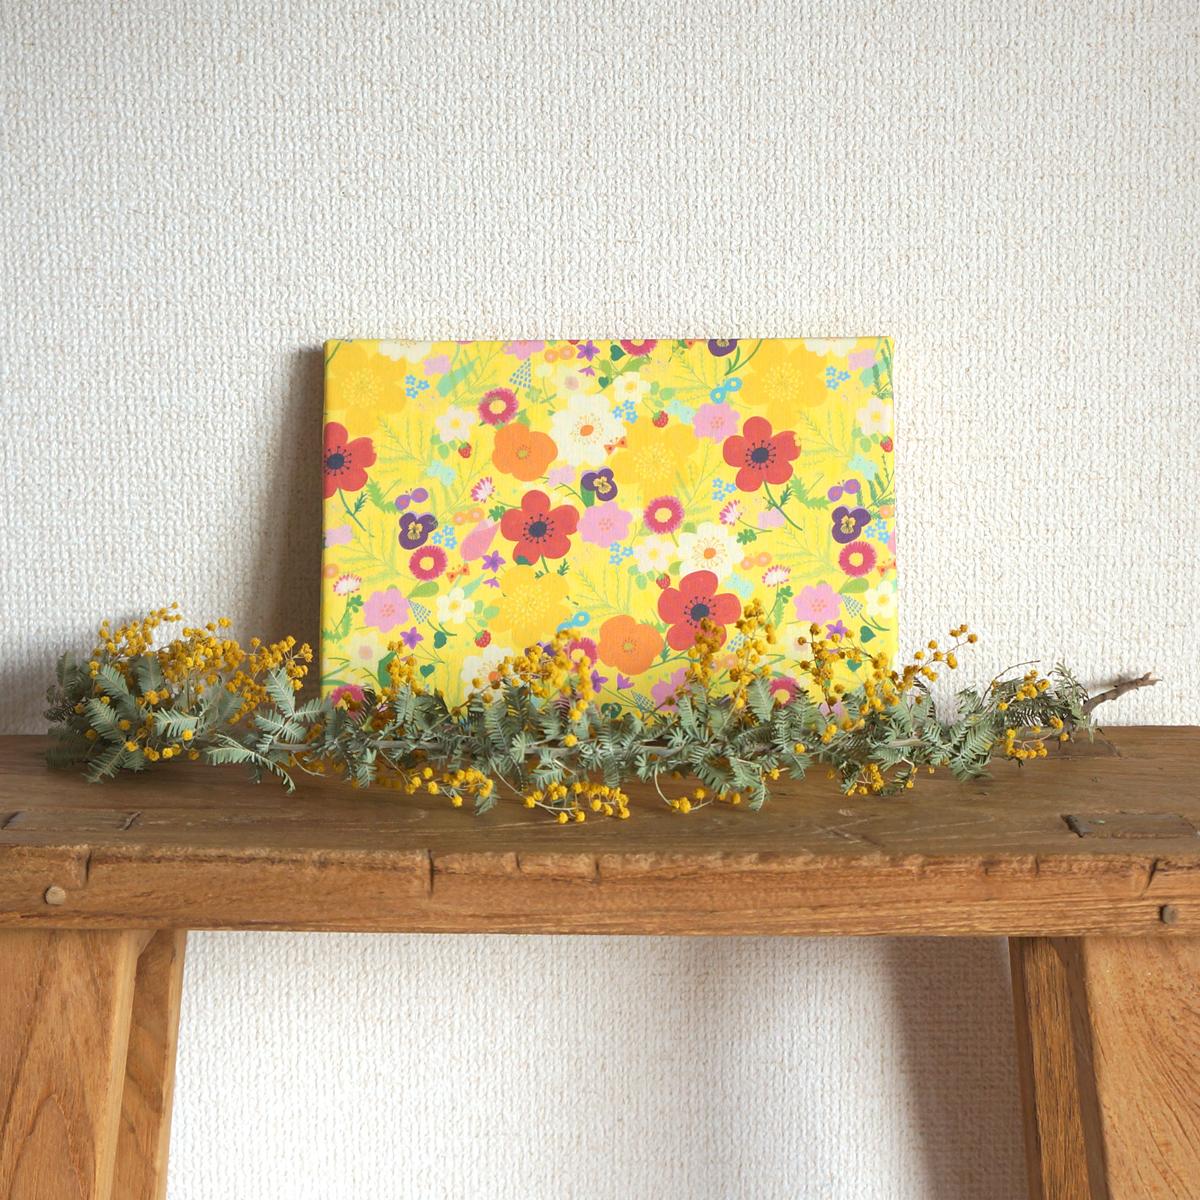 新作ファブリックパネル「happy garden」5色出来上がりました☆彡